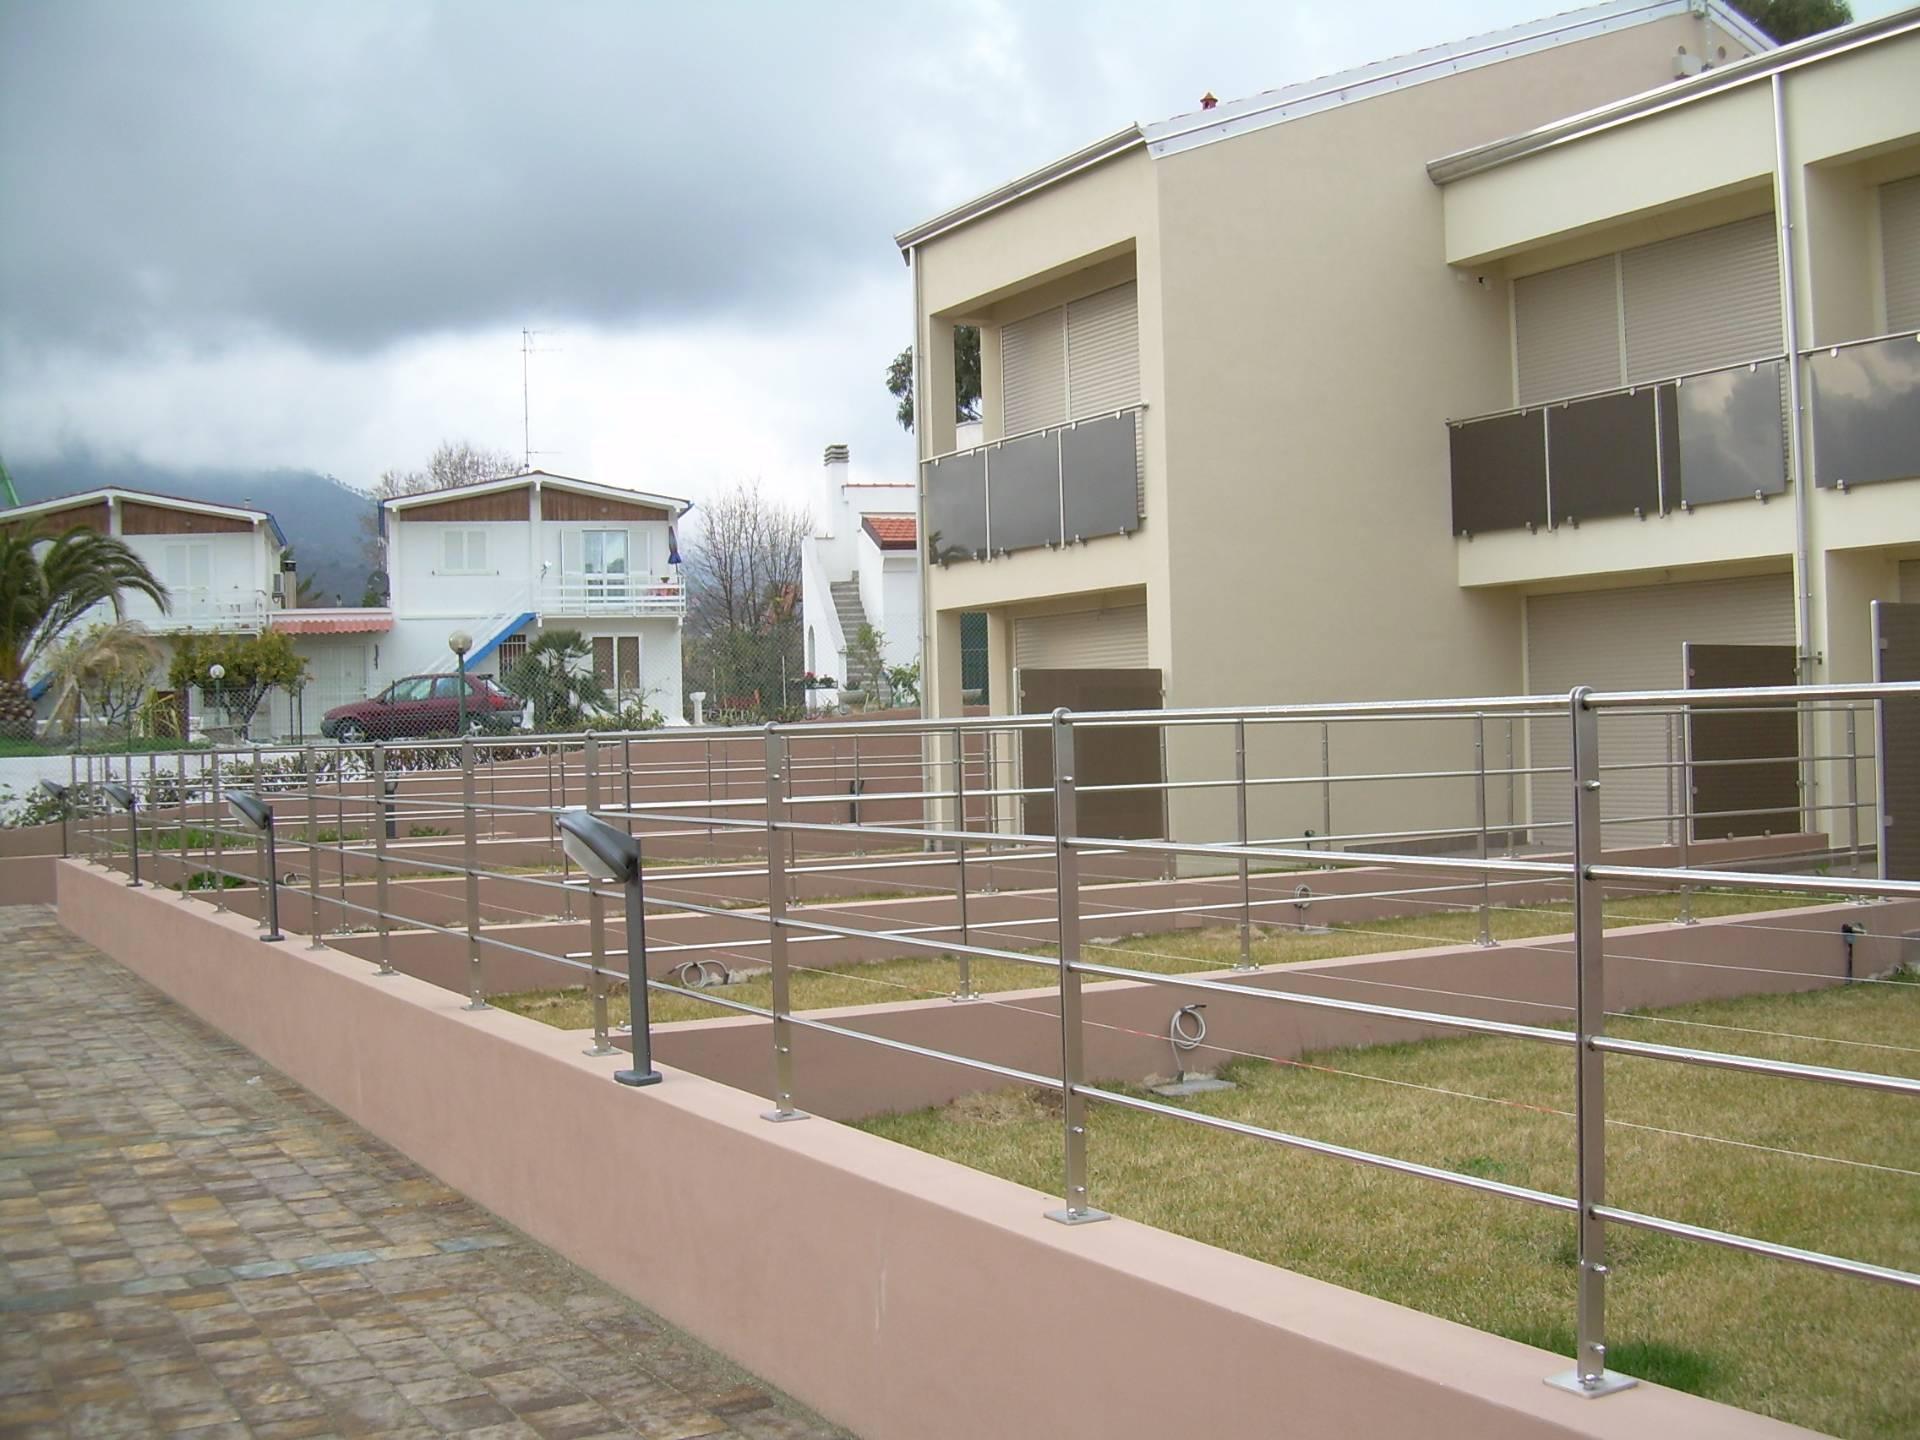 Villa a Schiera in vendita a Loano, 4 locali, zona Località: ZonaPoeti, prezzo € 460.000 | CambioCasa.it